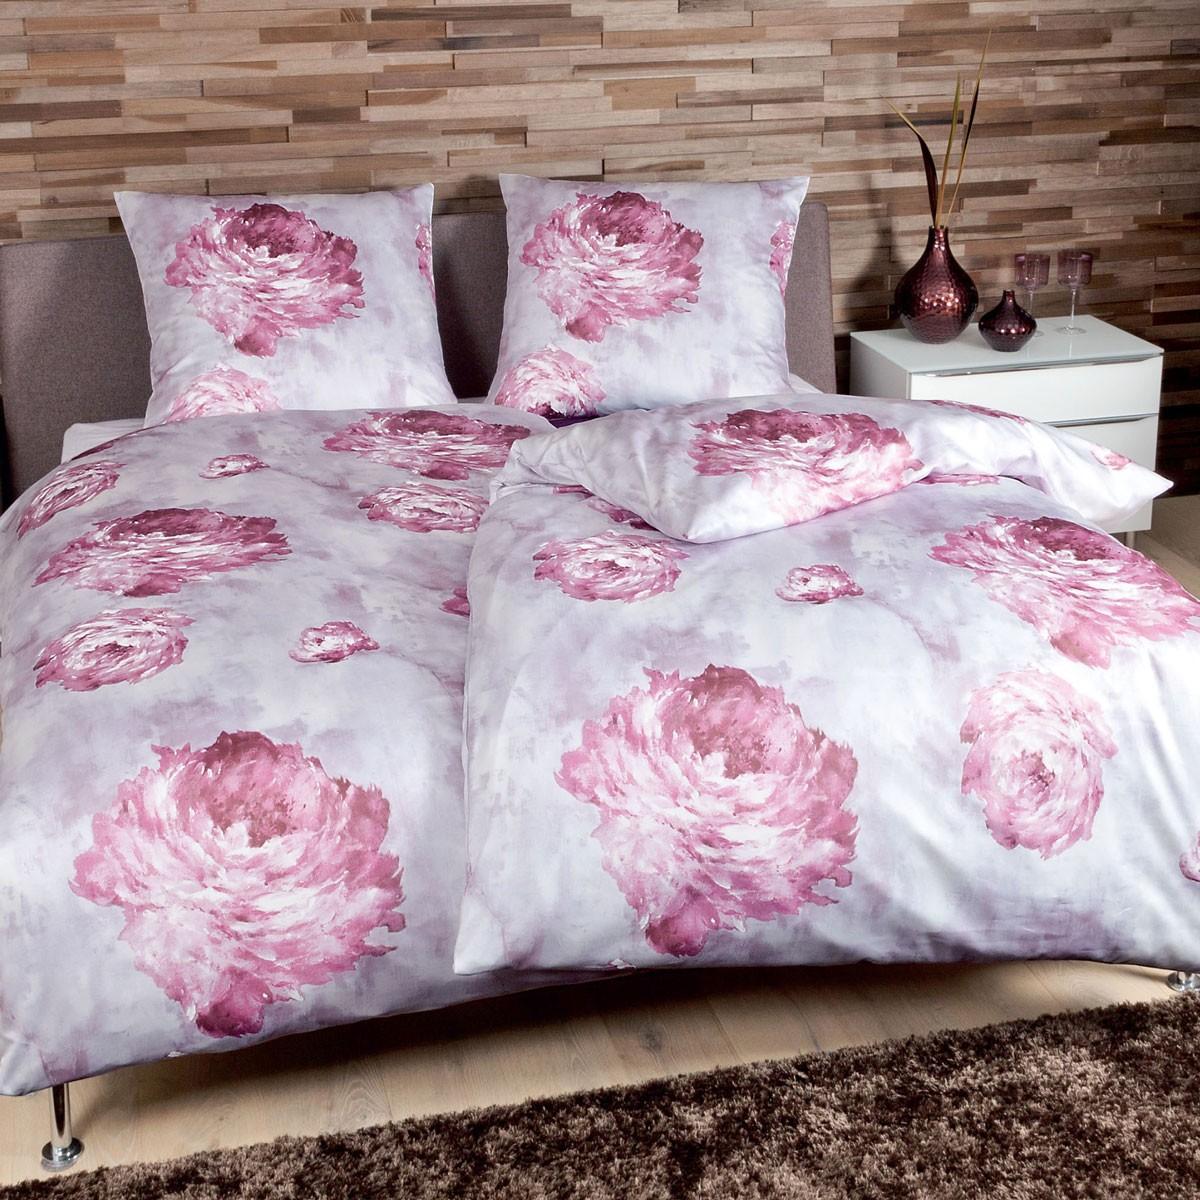 Постельное белье 2 спальное Janine Messina 4733 розовое